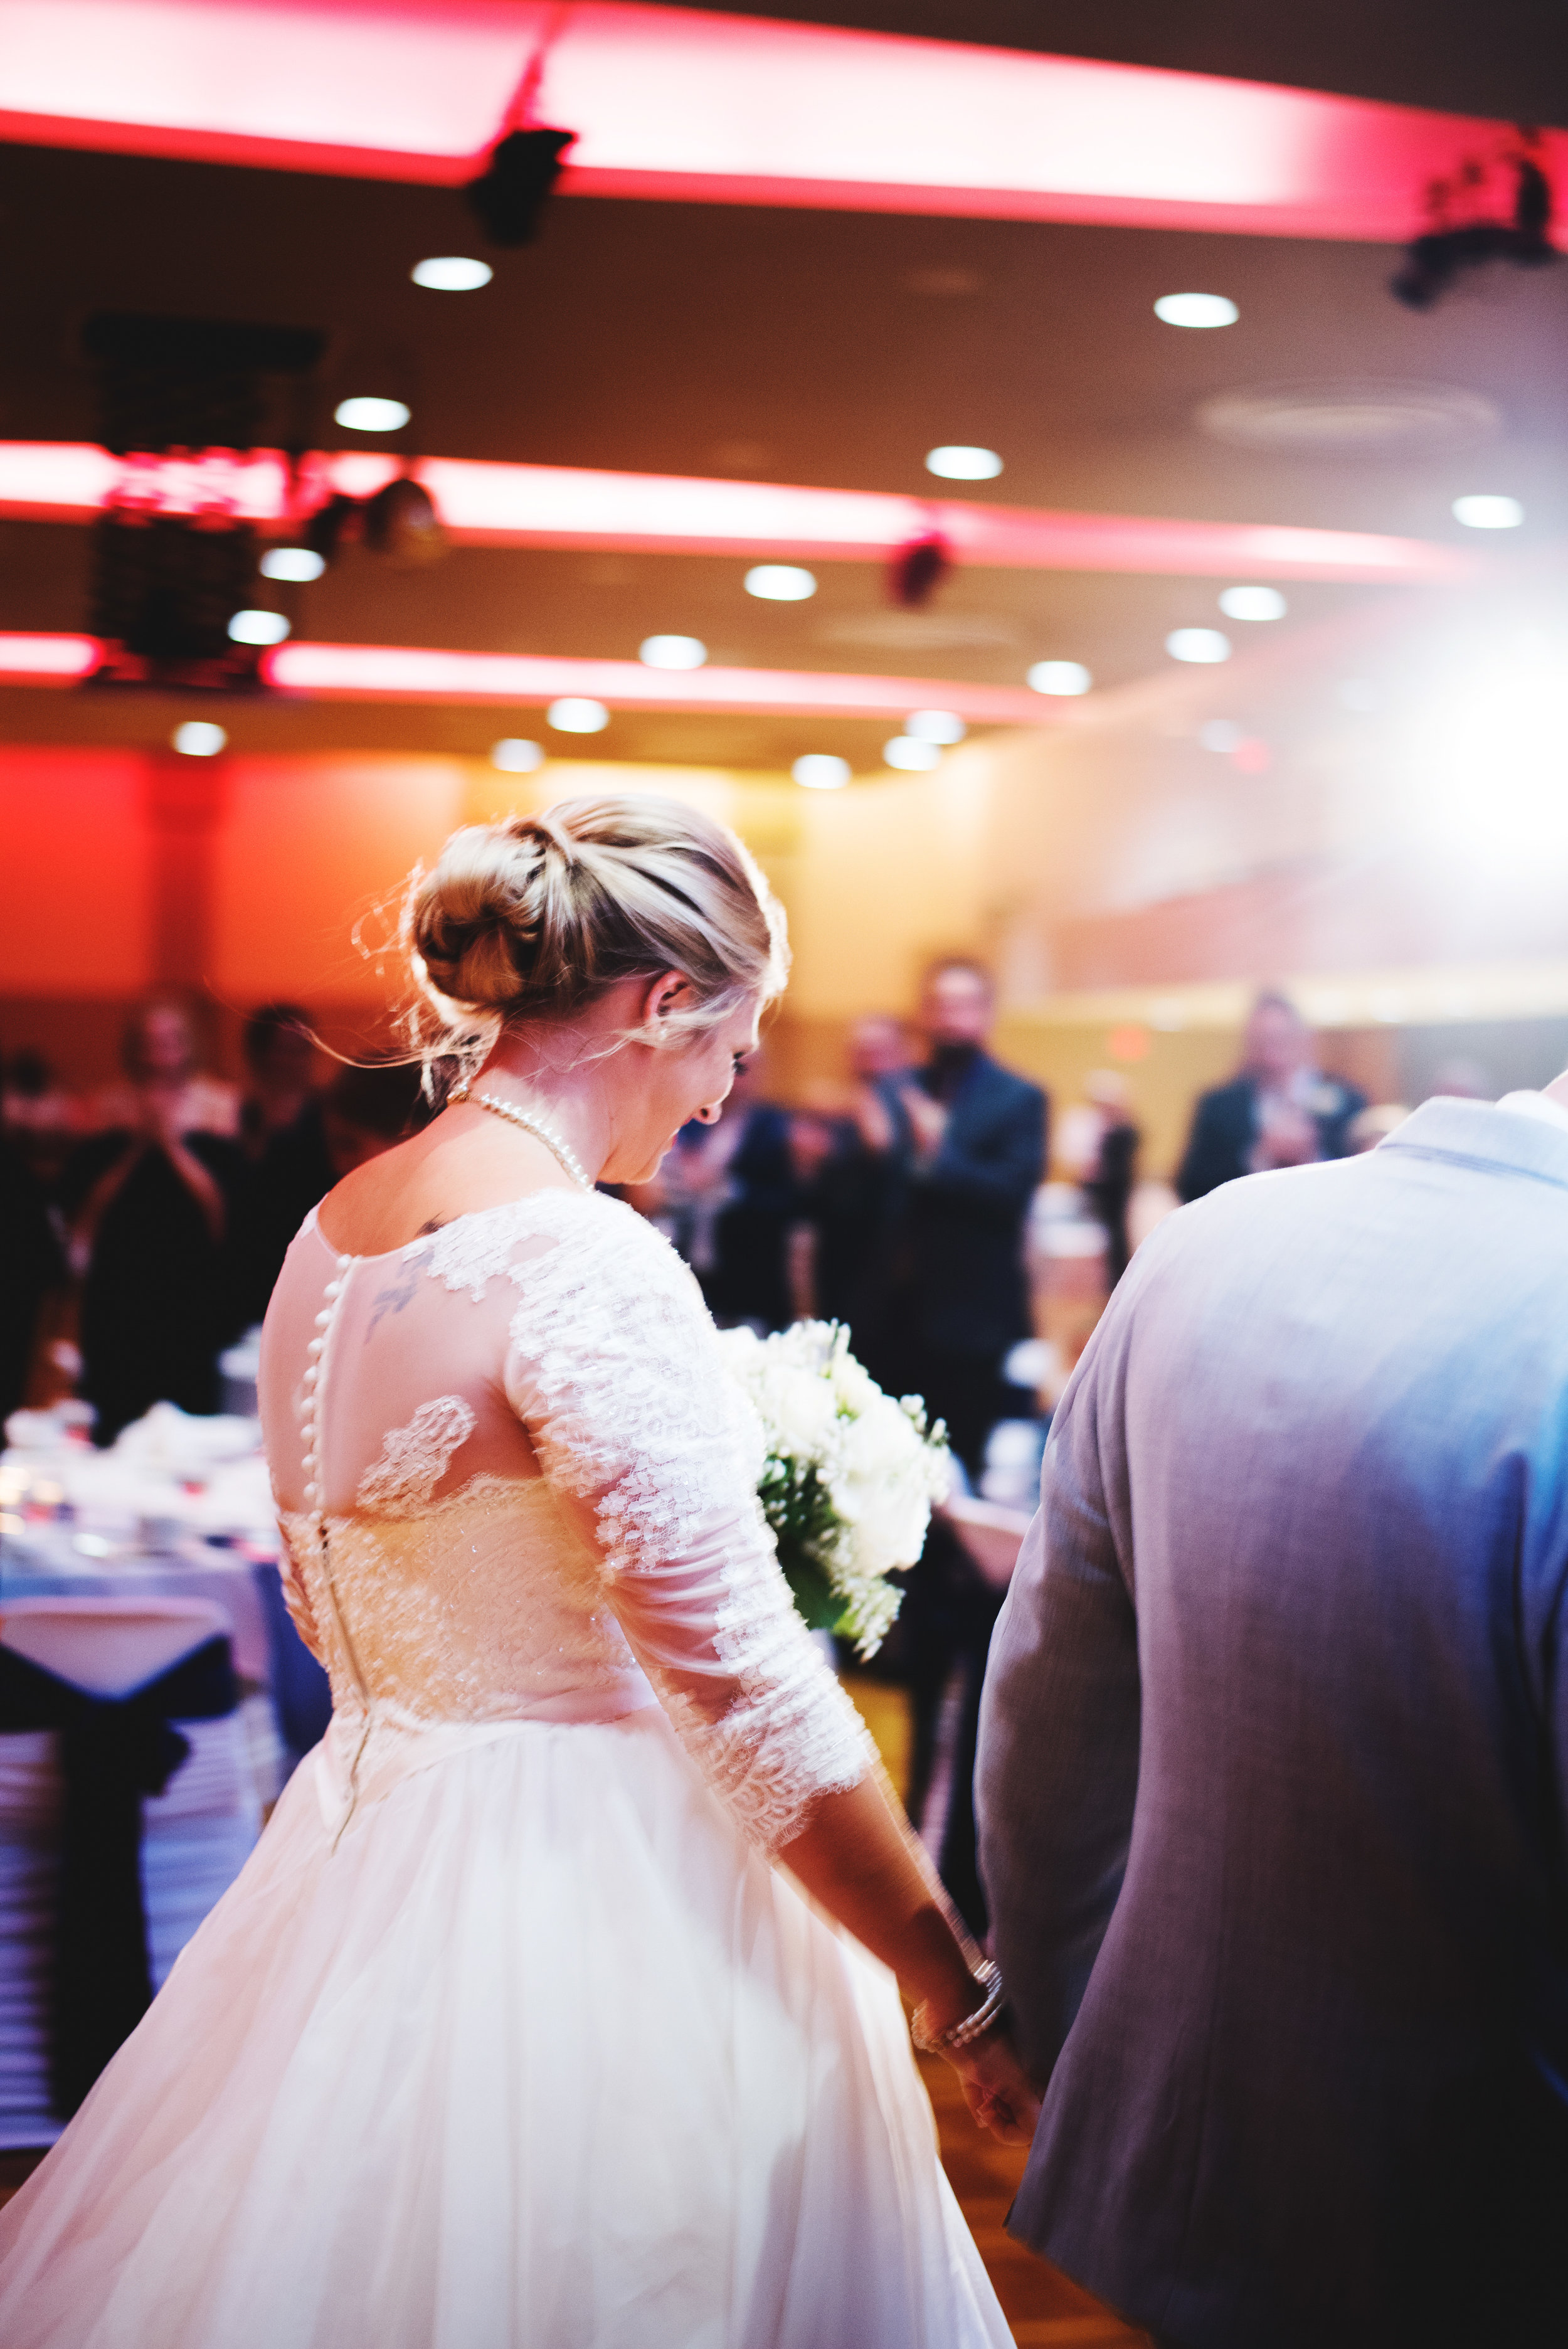 King-Northern-Illinois-University-Wedding099.jpg